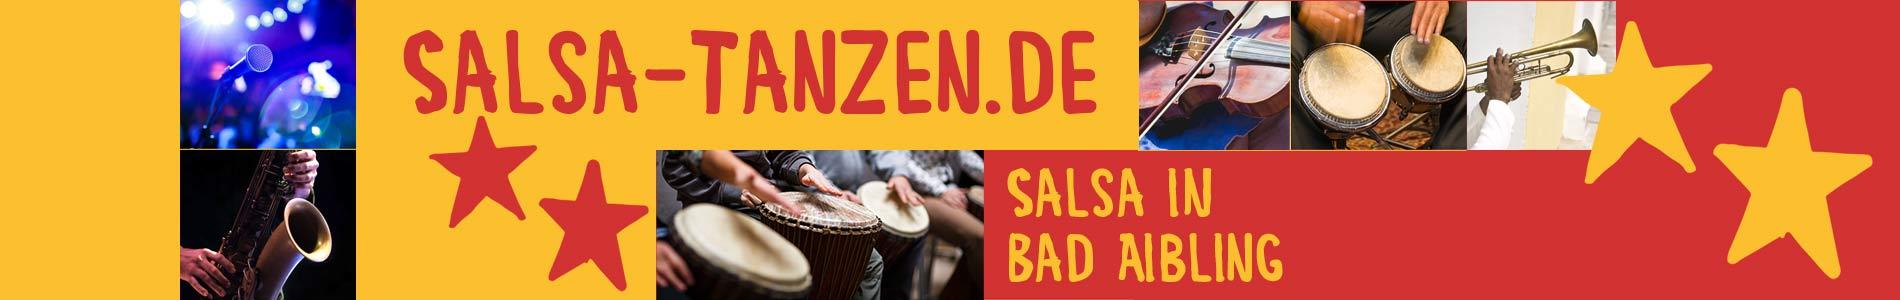 Salsa in Bad Aibling – Salsa lernen und tanzen, Tanzkurse, Partys, Veranstaltungen